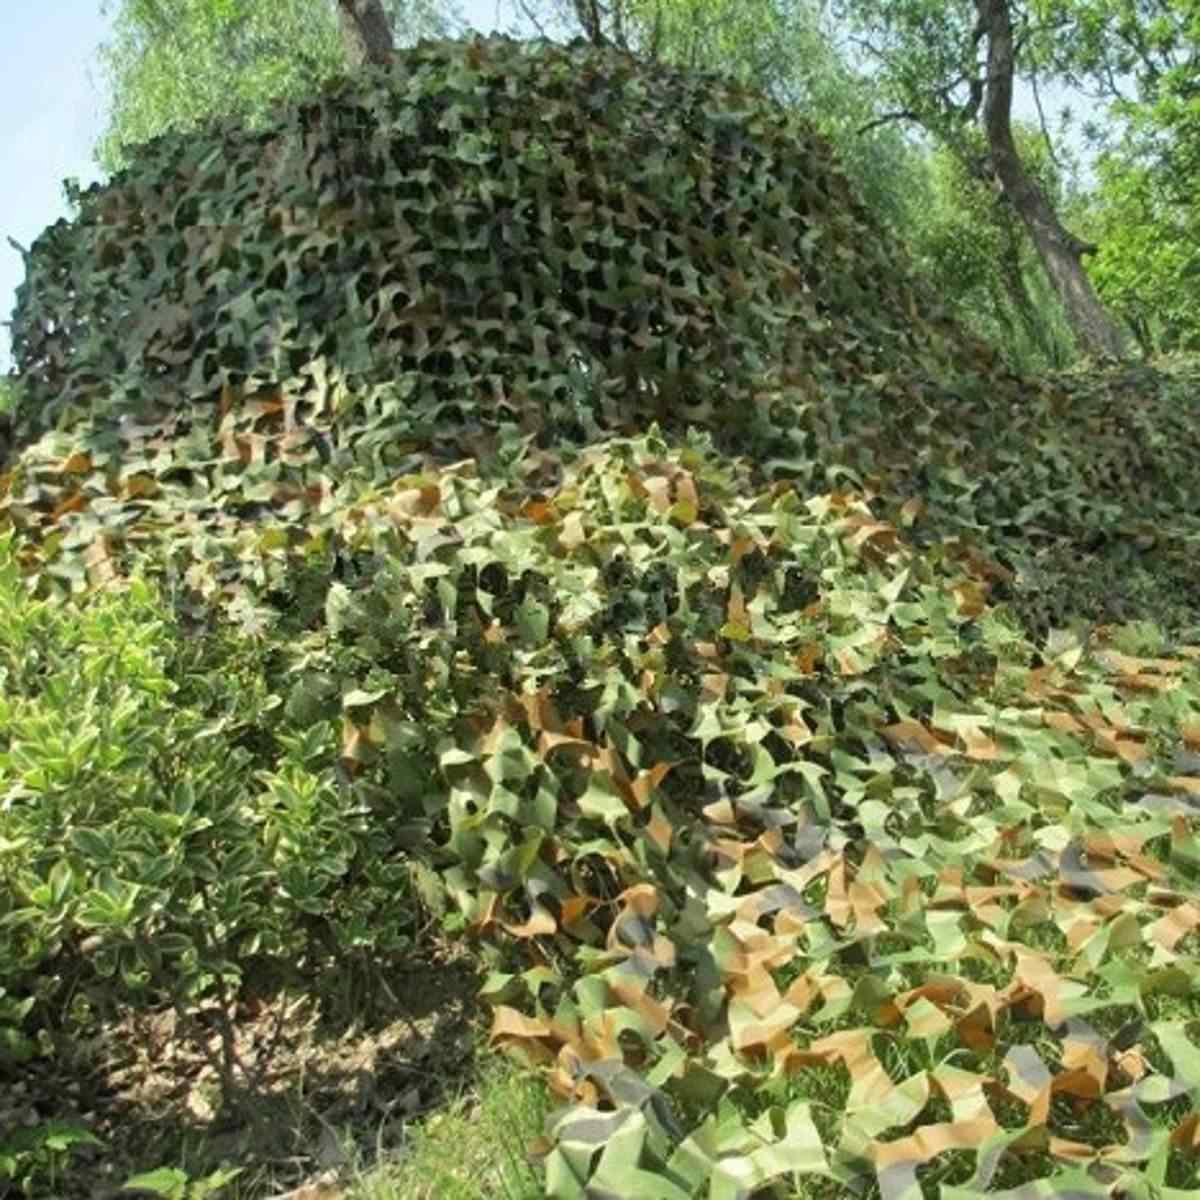 1.5x6 2x2 2x5 2x6 2x7 2x8 2.5x5 3x6 Jungle Camo Rete Camouflage Net per la Copertura Auto di Campeggio Woodland Militare di Caccia